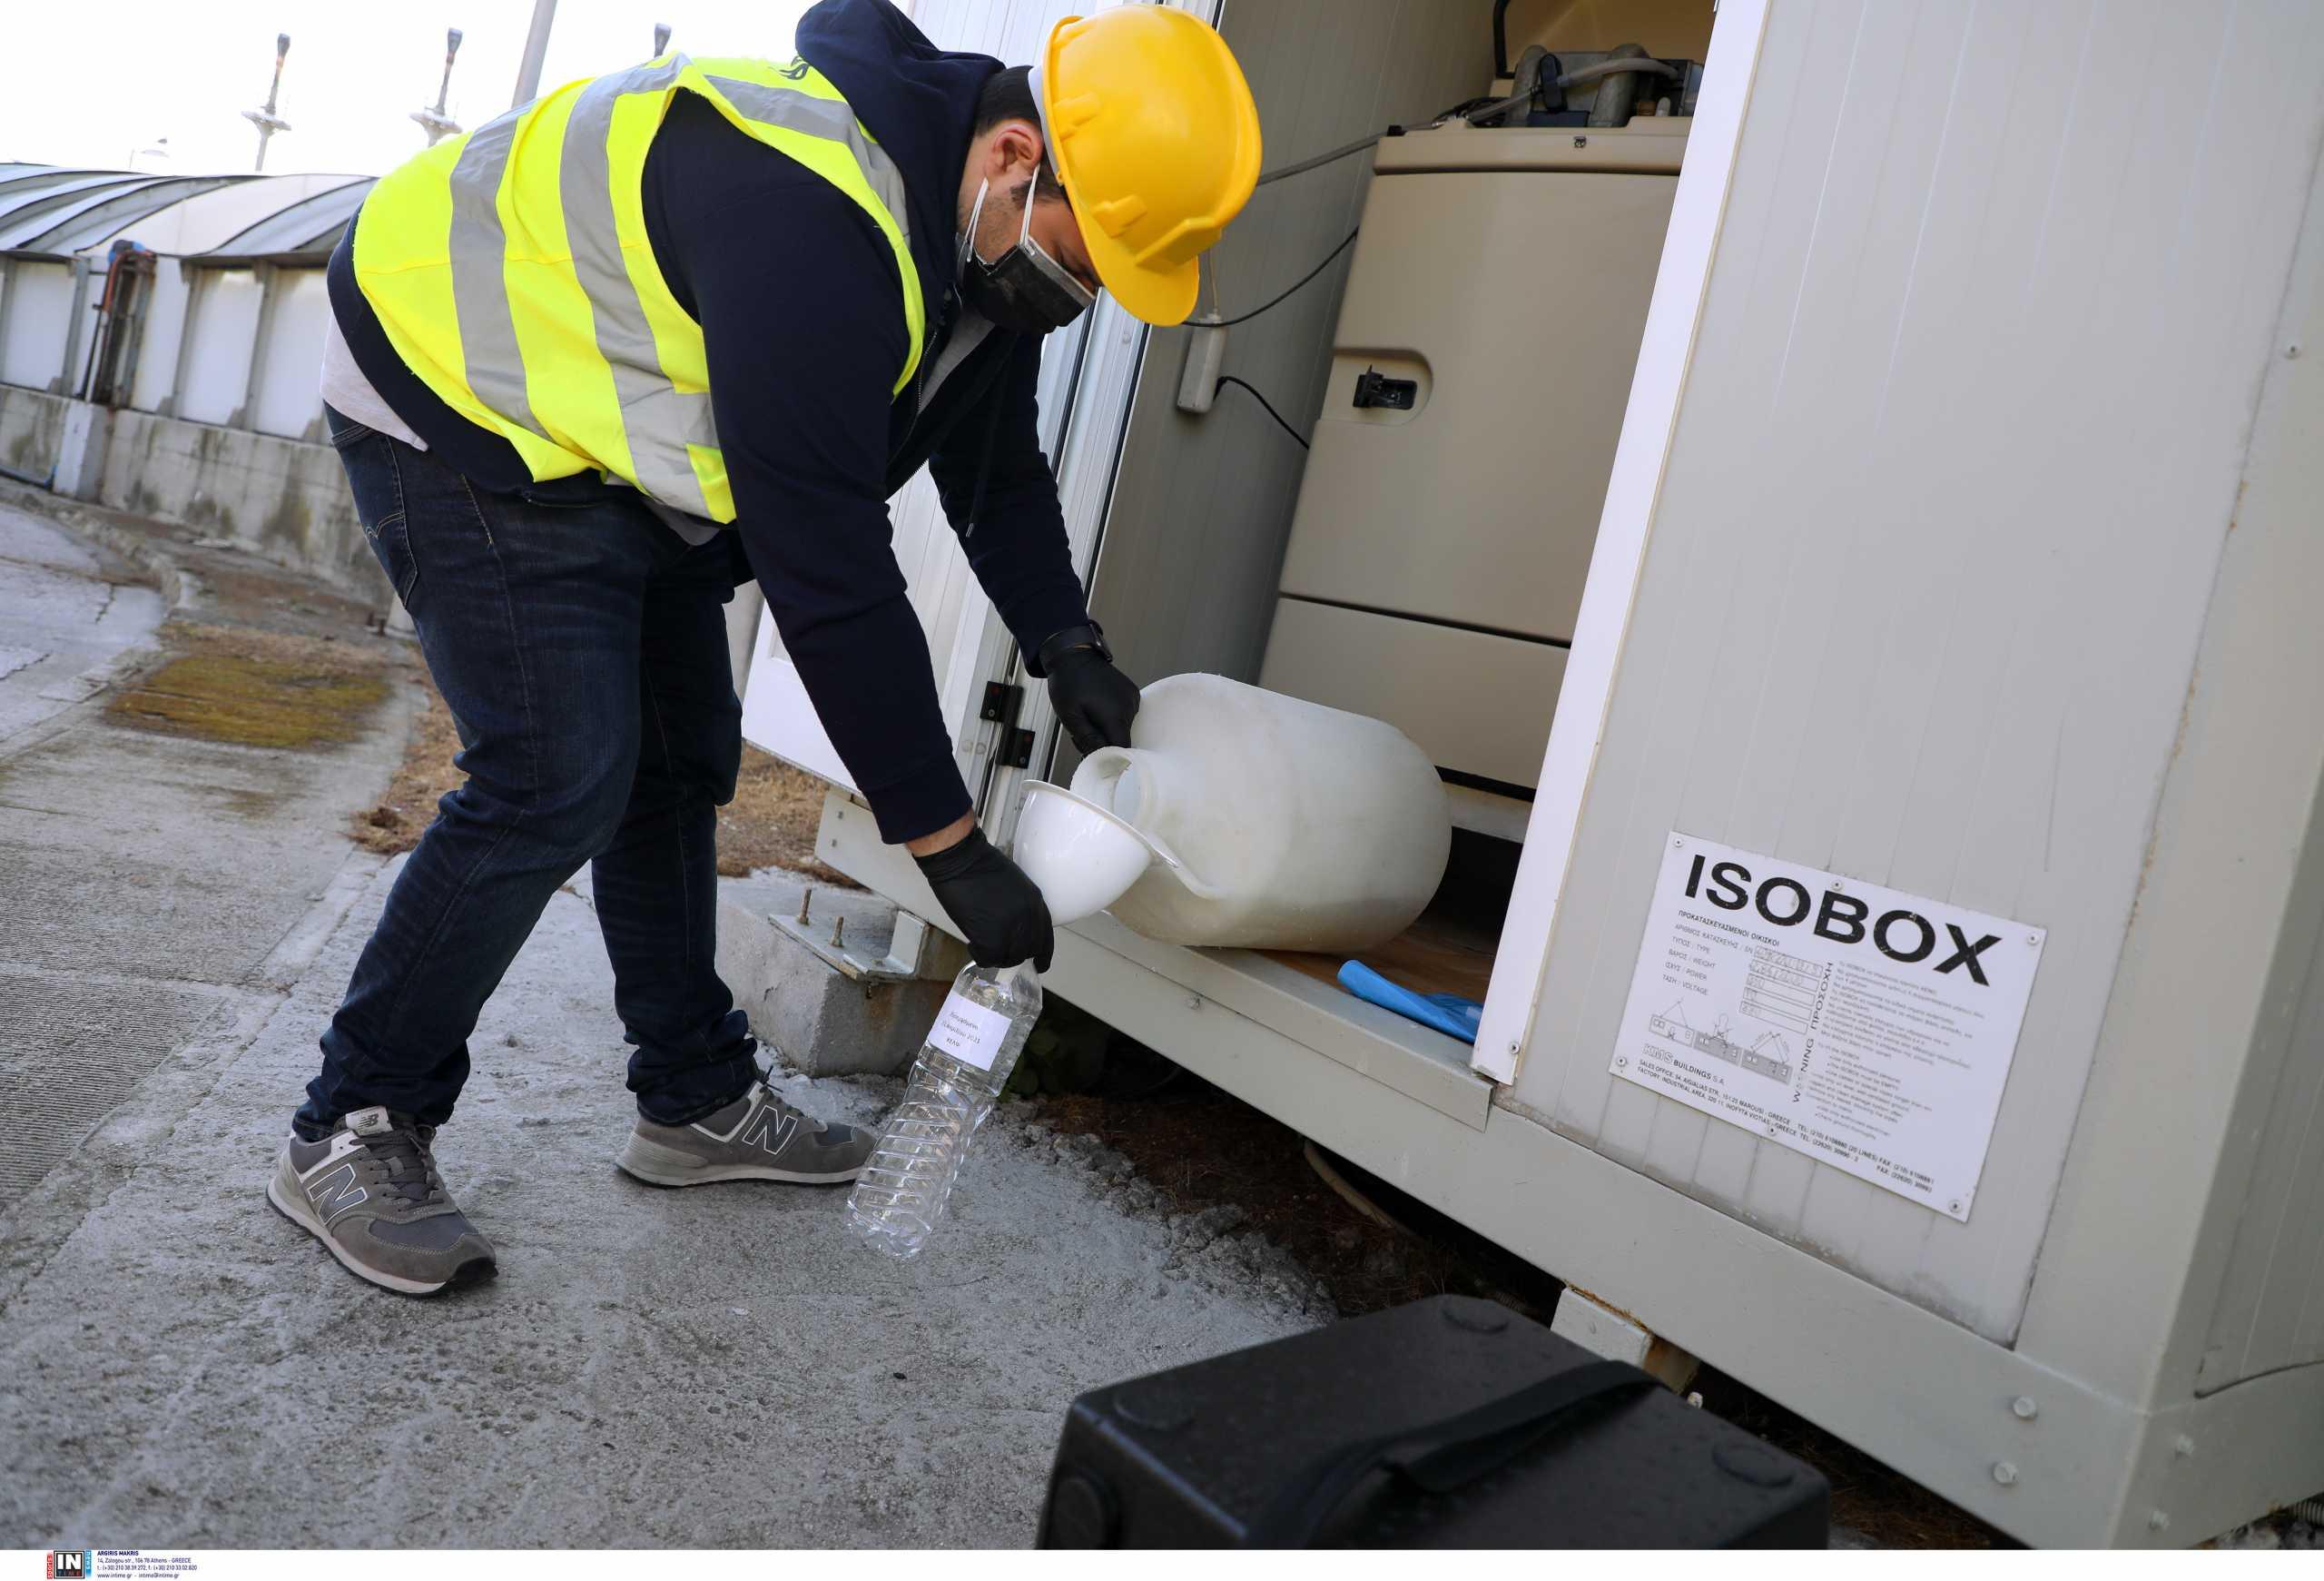 Κορονοϊός – Λύματα: Σταθερές οι τιμές του ιικού φορτίου στη Θεσσαλονίκη